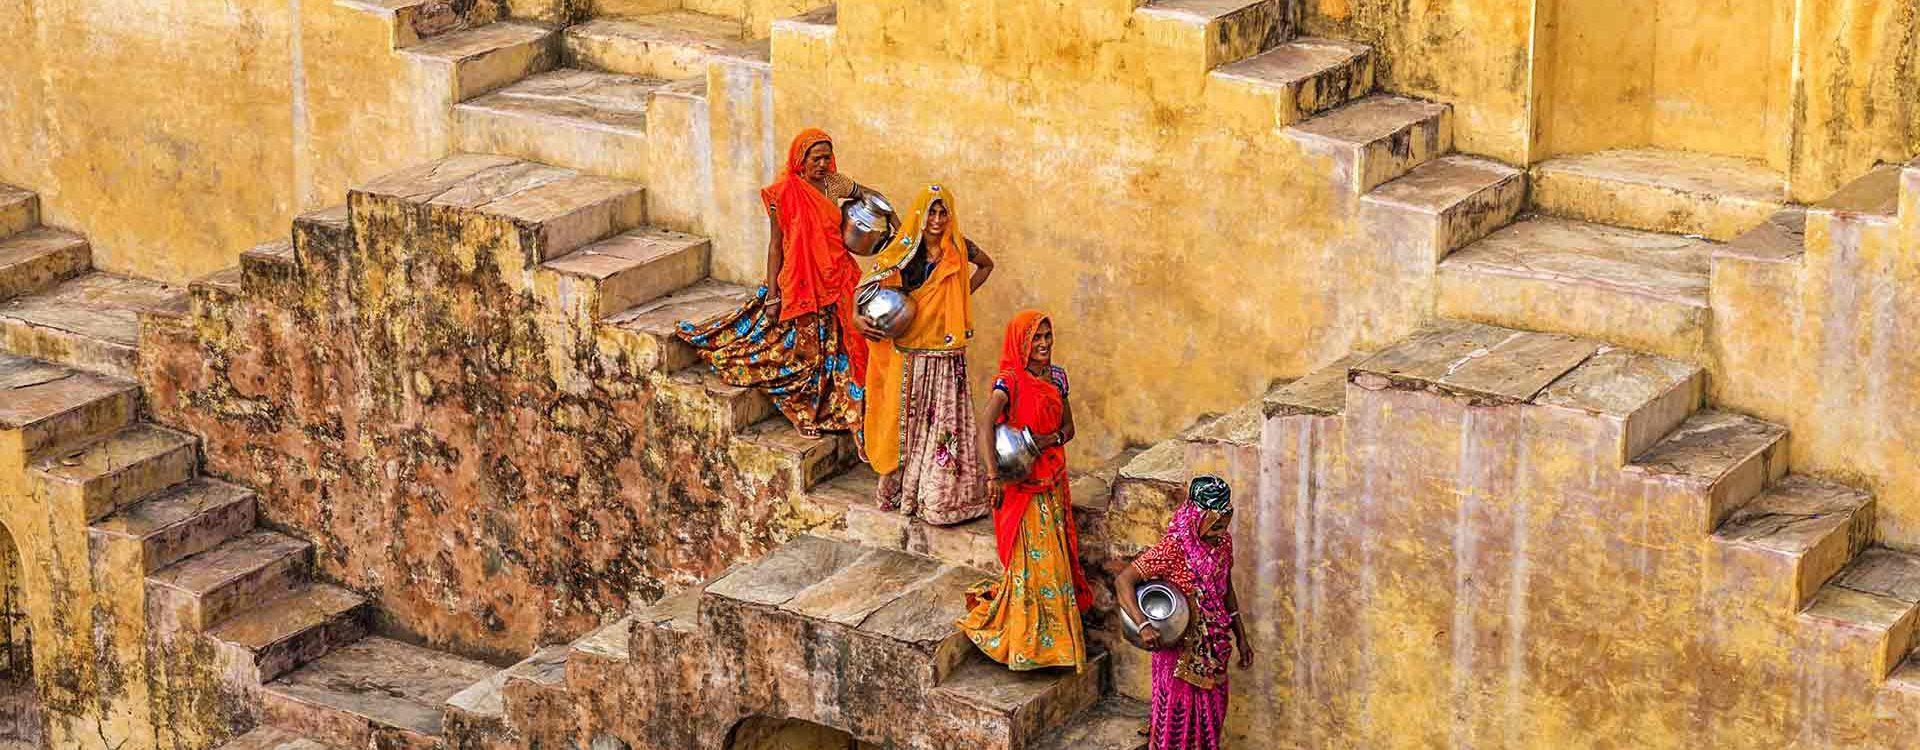 Femmes indiennes au Rajasthan - homepage